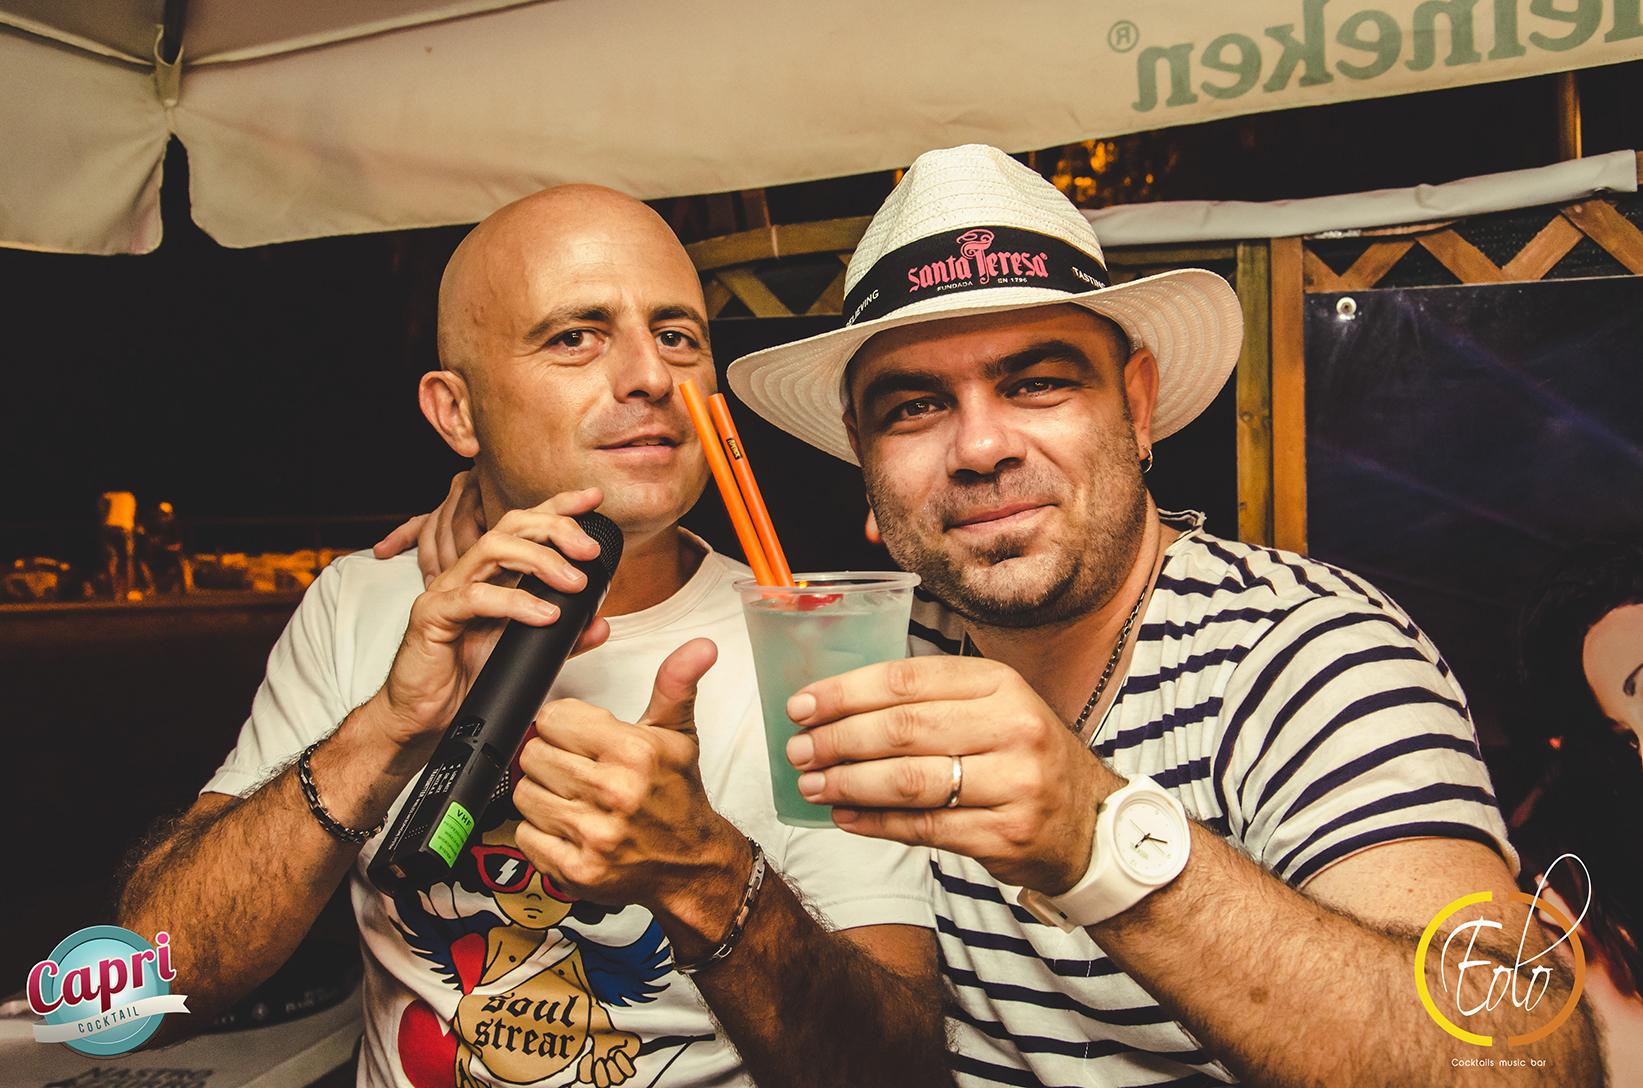 Capri_party_fabio_camboni_luca_abete_strisccia_la_notizia